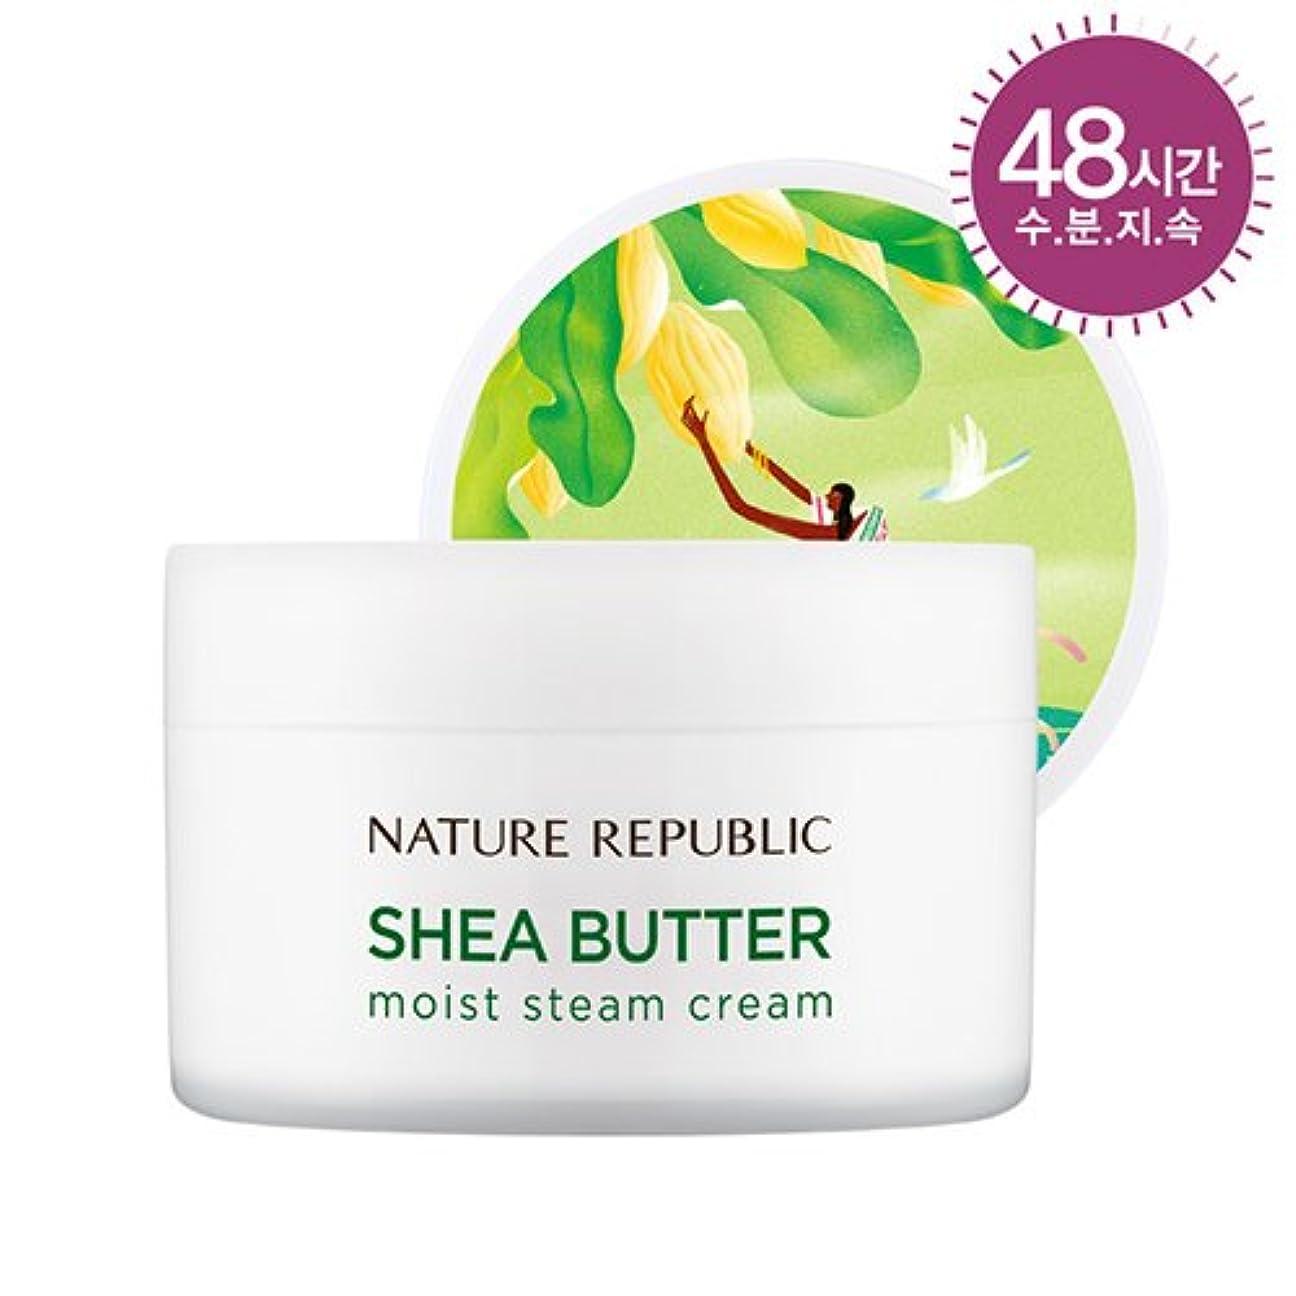 中間たっぷりフレキシブル[ネイチャーリパブリック] NATURE REPUBLIC [スチームクリーム 100ml] (Shea Butter Steam Cream 100ml) (02 Moist Steam Cream) [並行輸入品]